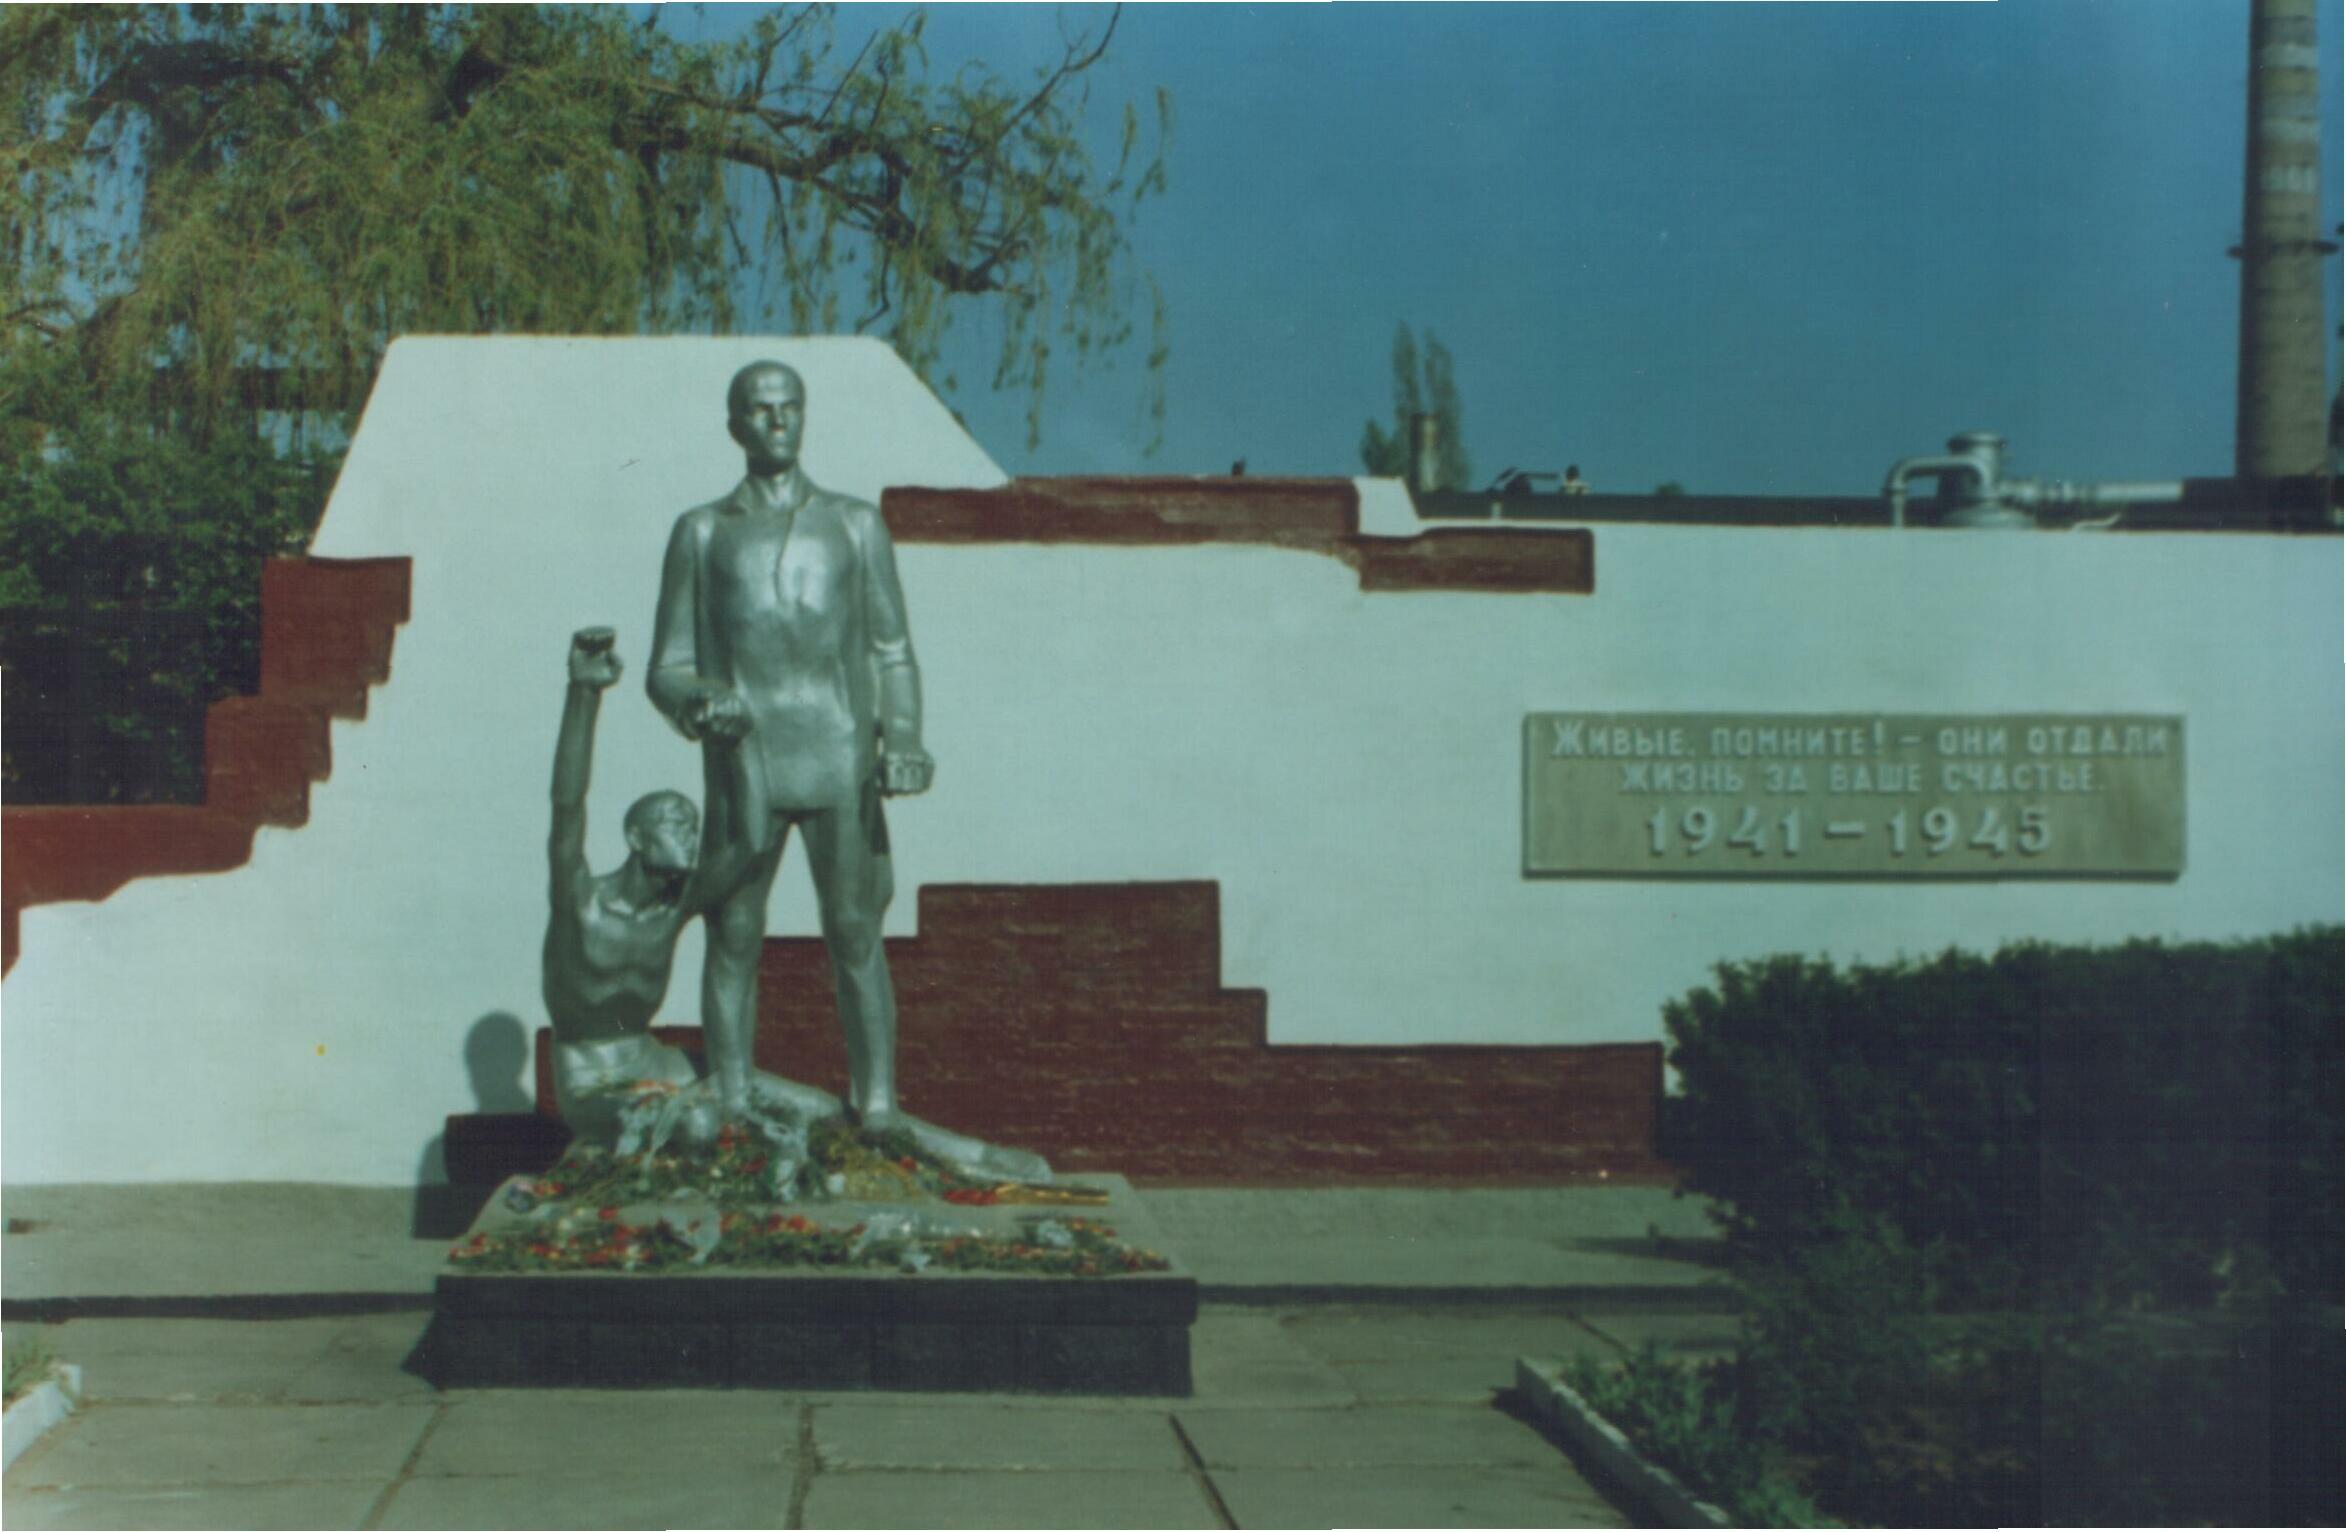 поиск сайте, кратко о памятниках и фото г джанкоя очень большой